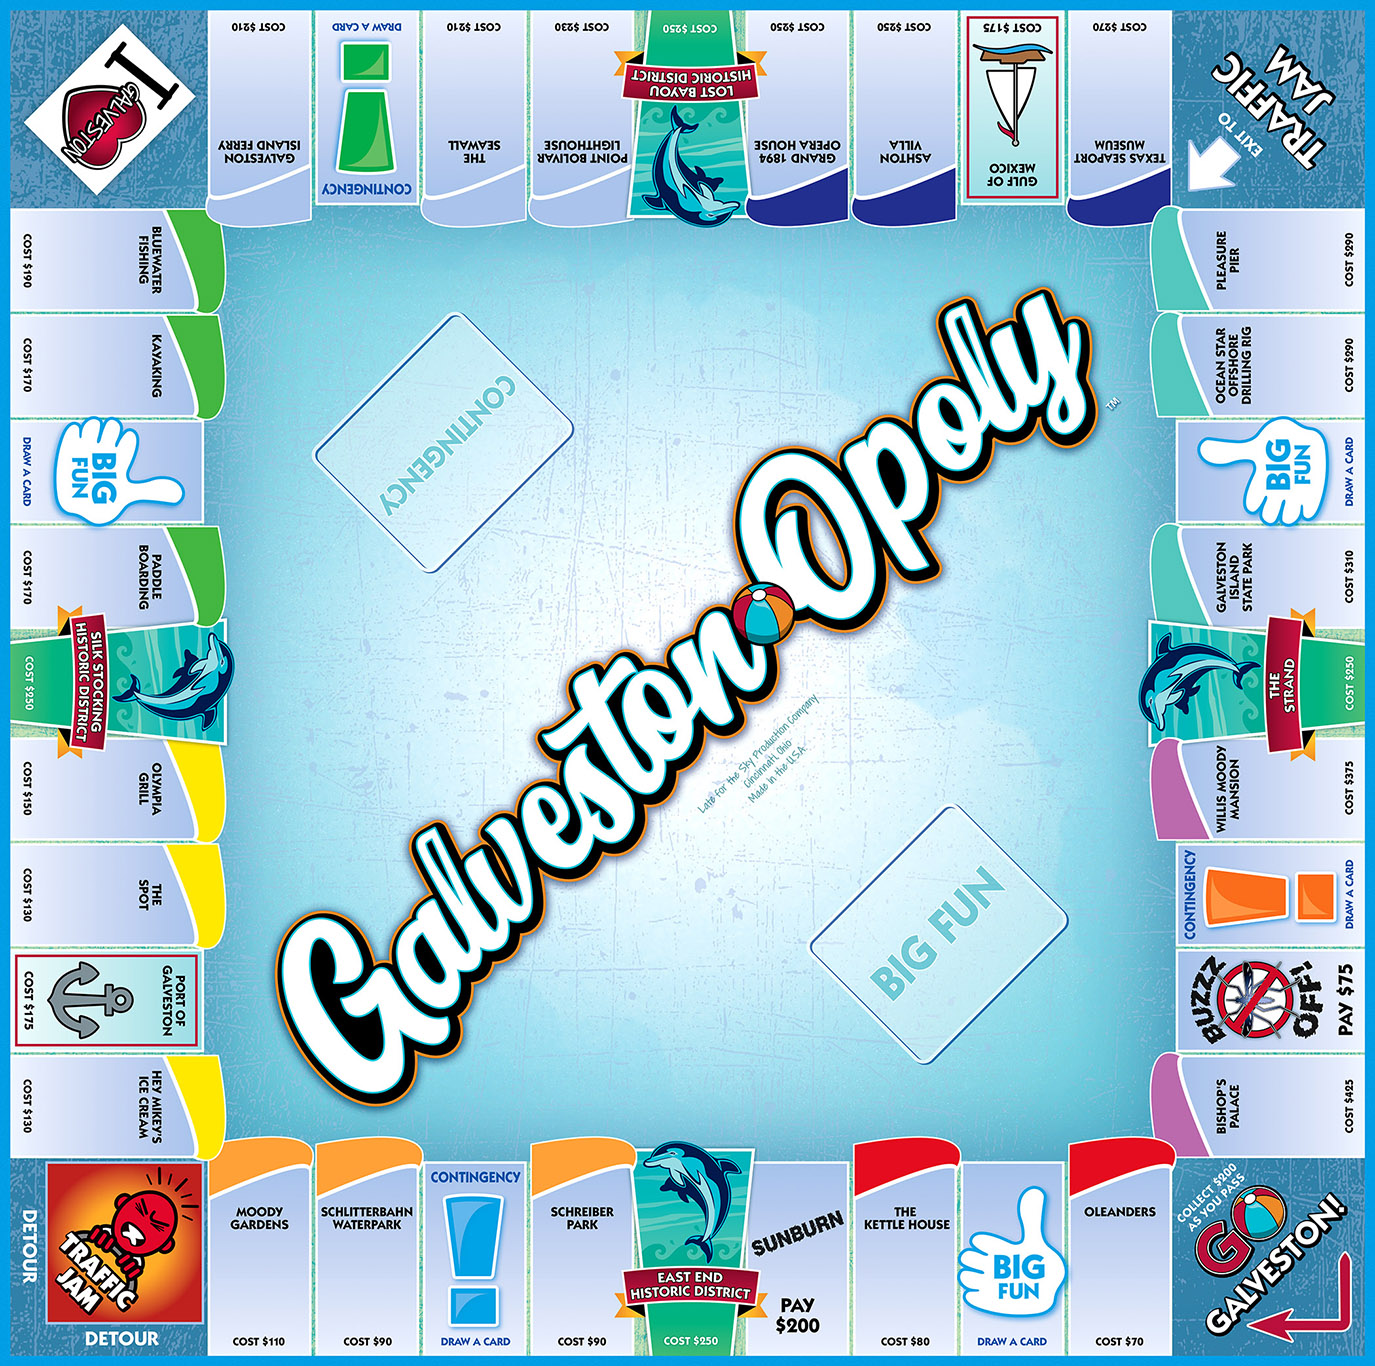 GALVESTON-OPOLY Board Game